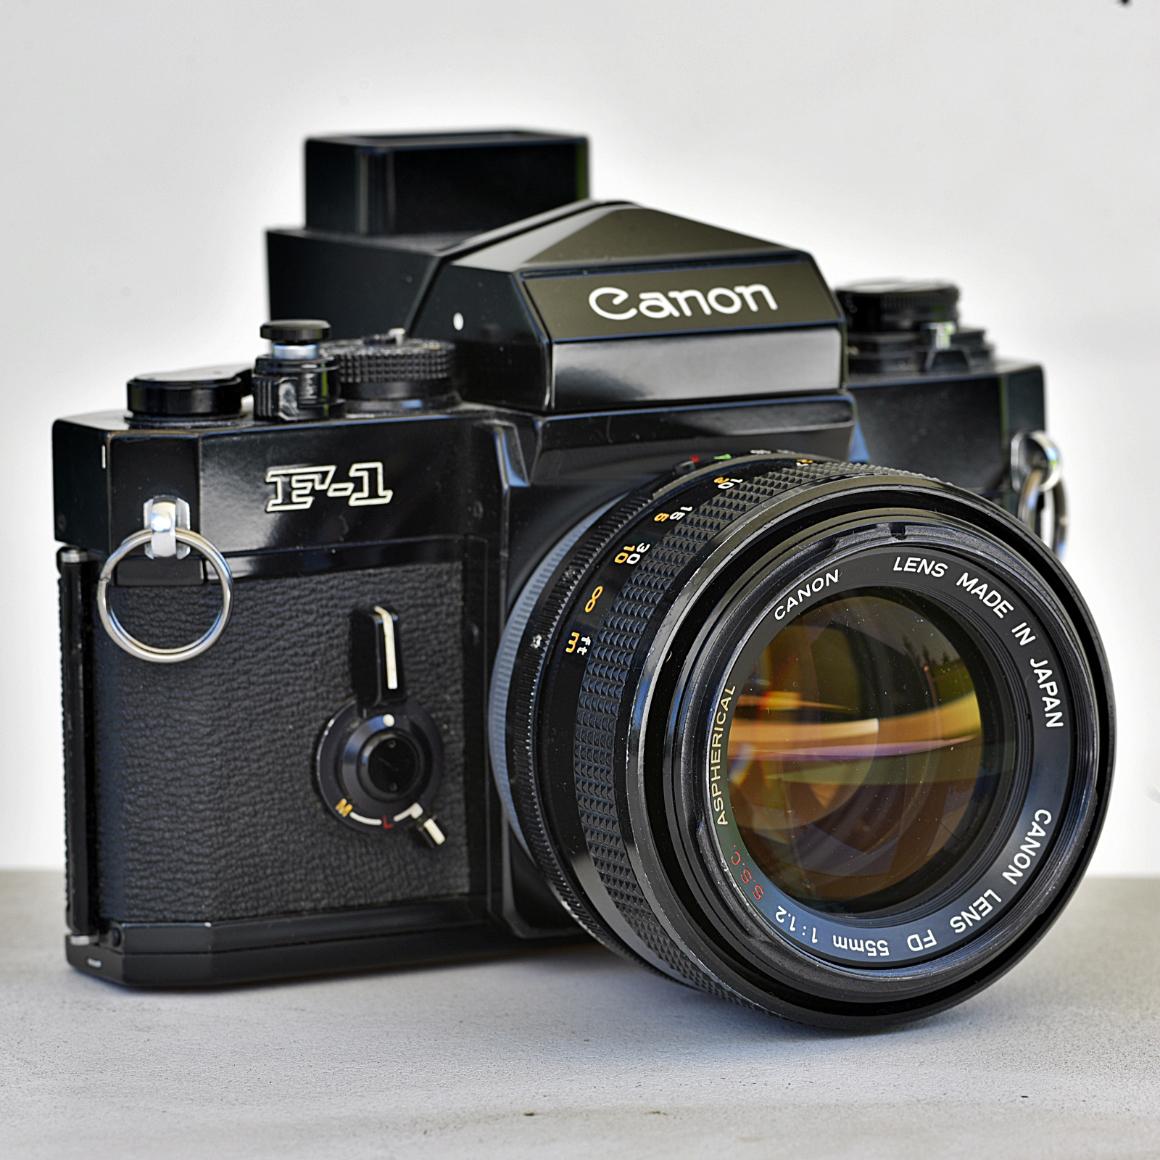 Canon F-1 zCanonem FD 55 mm f/1.2 S.S.C. Aspherical